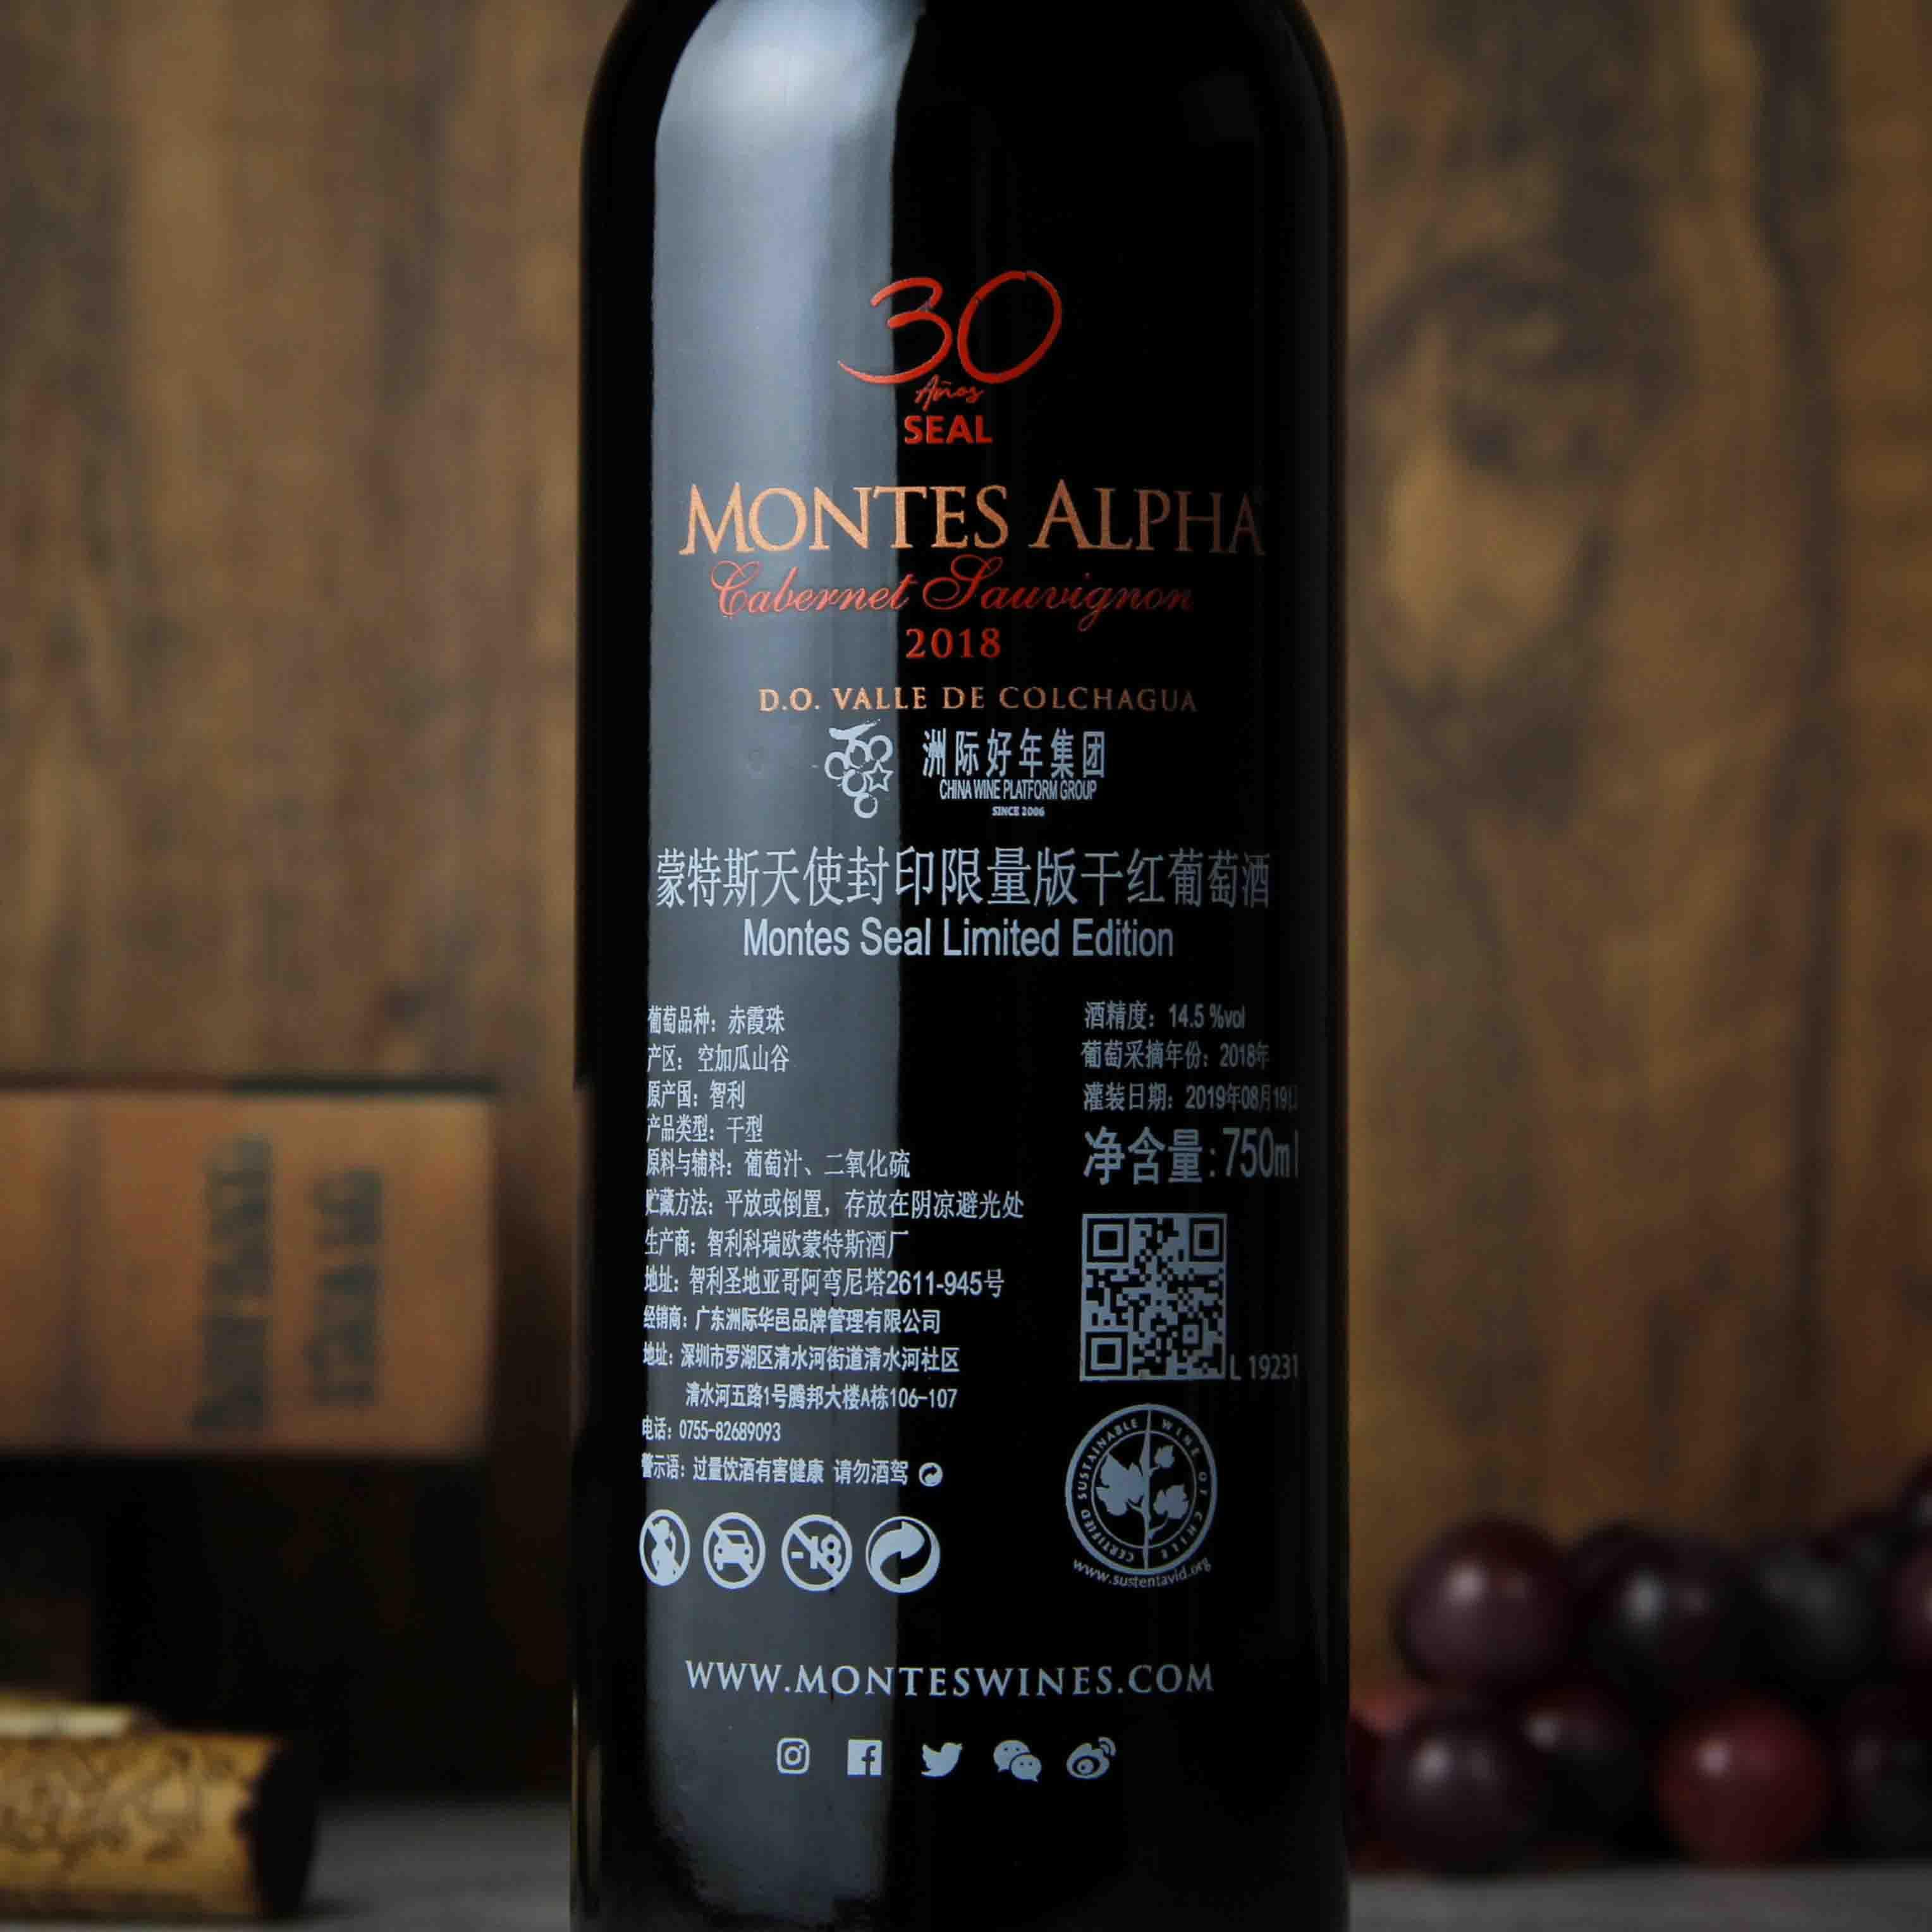 蒙特斯天使封印限量版干红葡萄酒